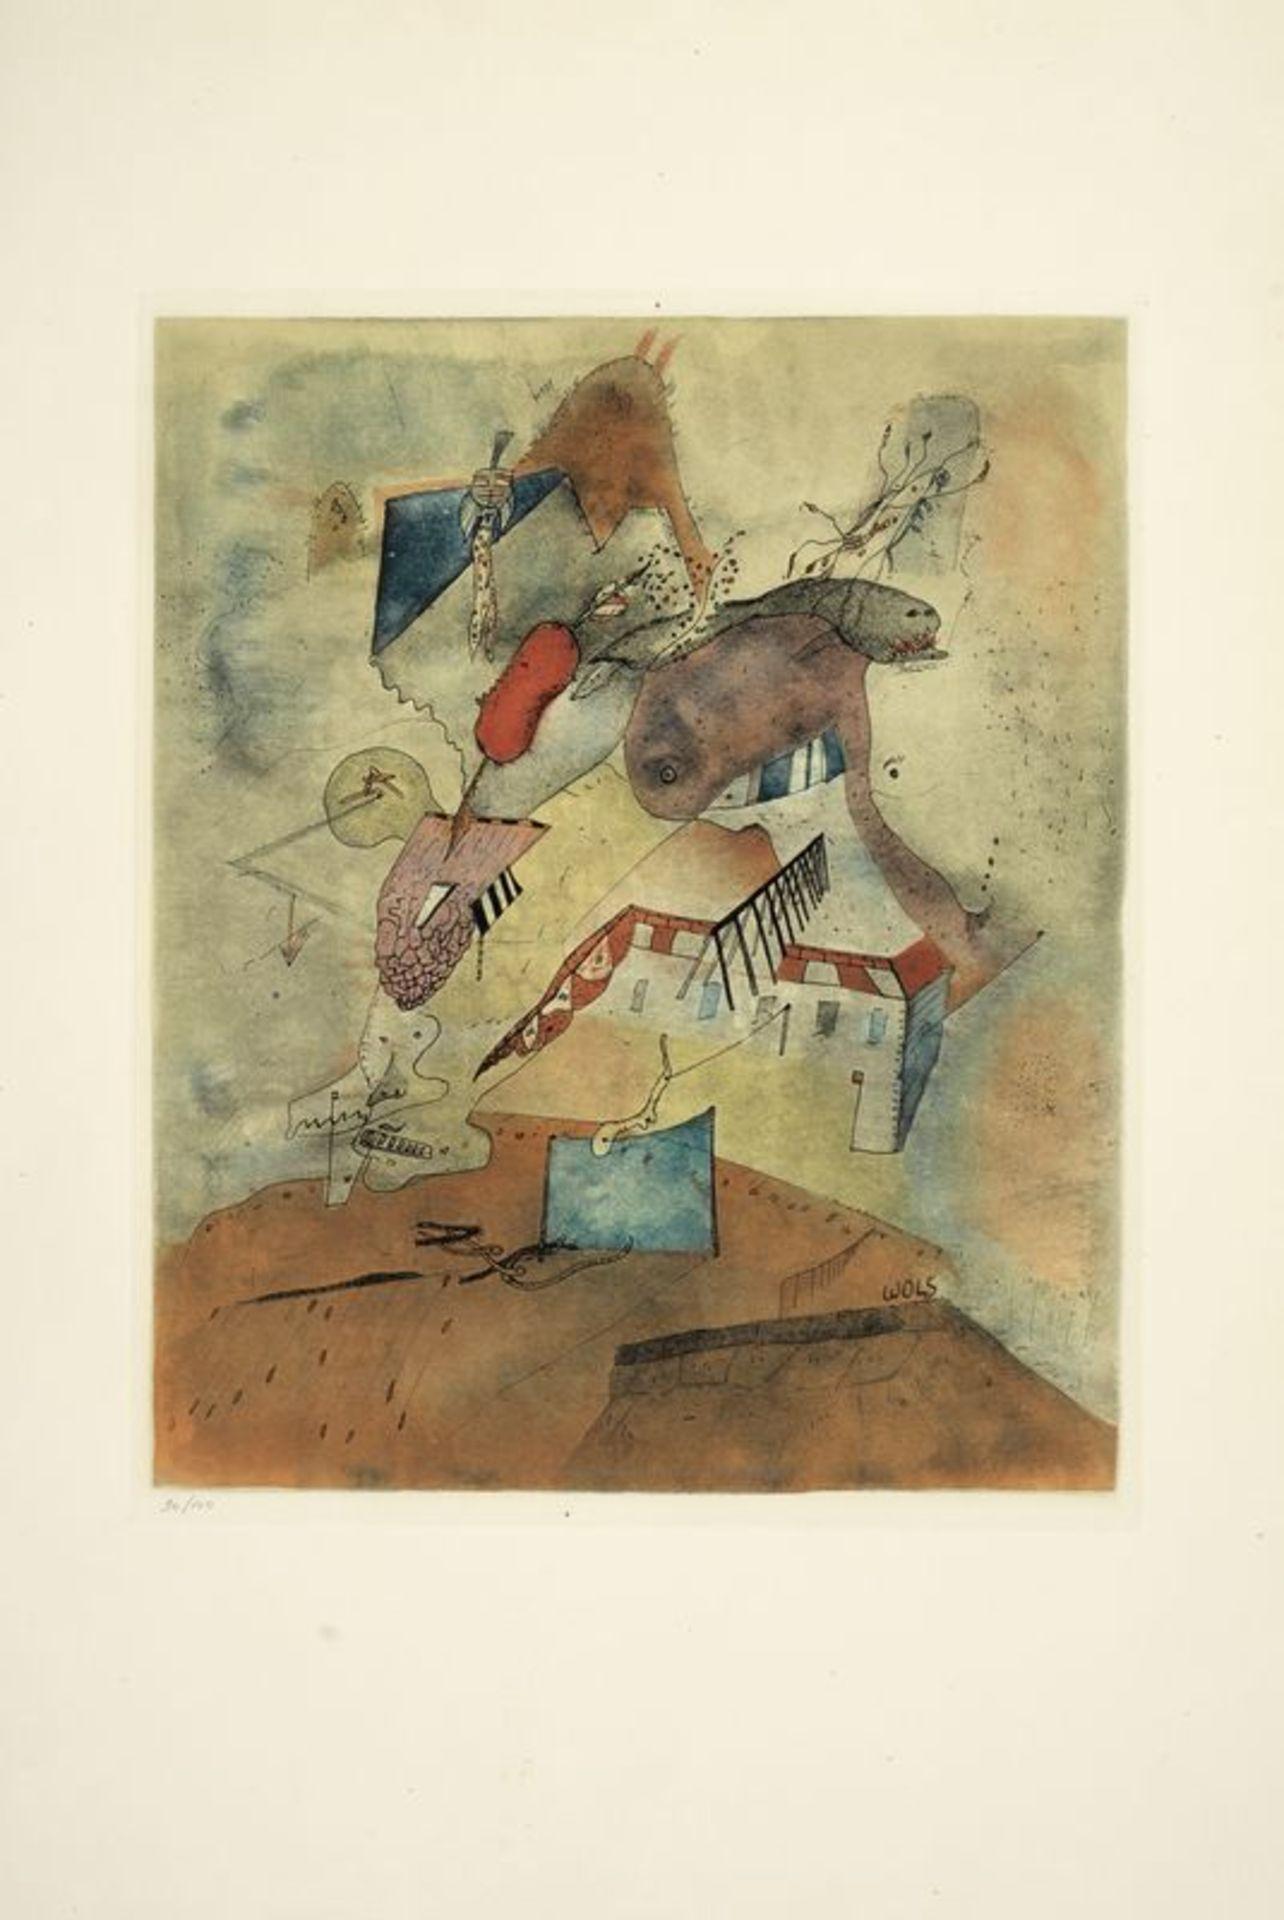 Los 13 - Otto WOLS (1913 - 1951) - Le Camp les Milles, 1940 - Gravure en couleurs sur papier [...]